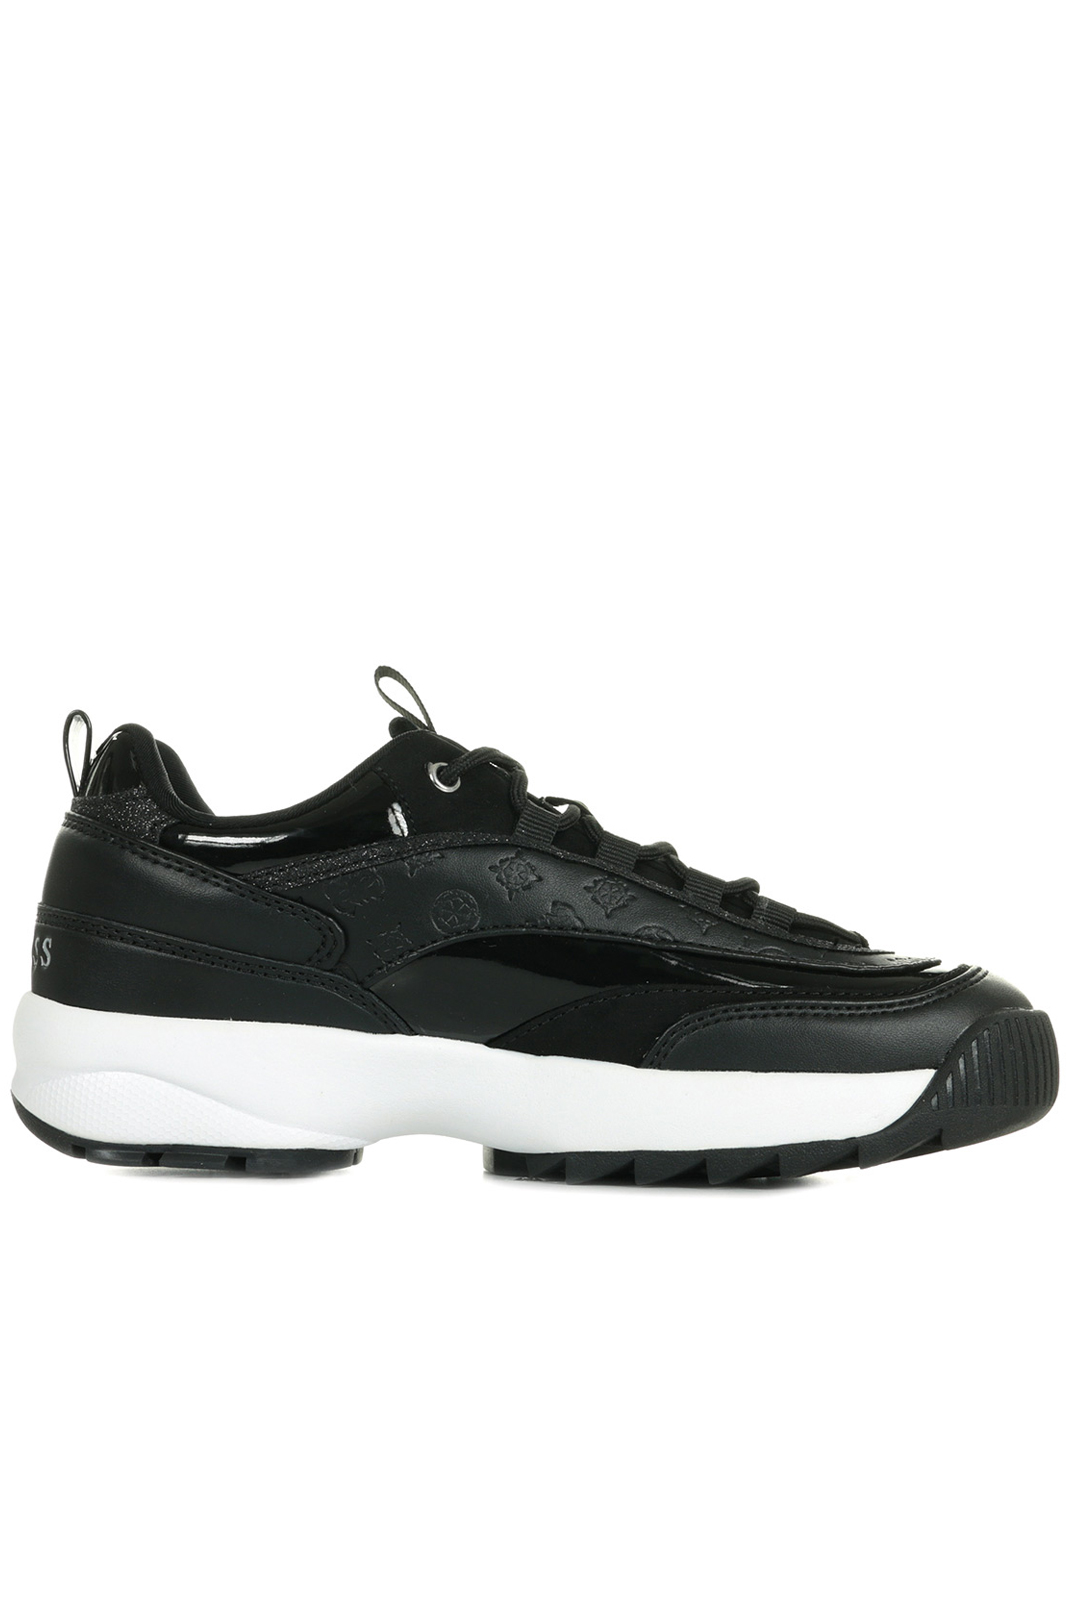 Baskets / Sneakers  Guess jeans FL8KAE ELE12 kaysie BLACK